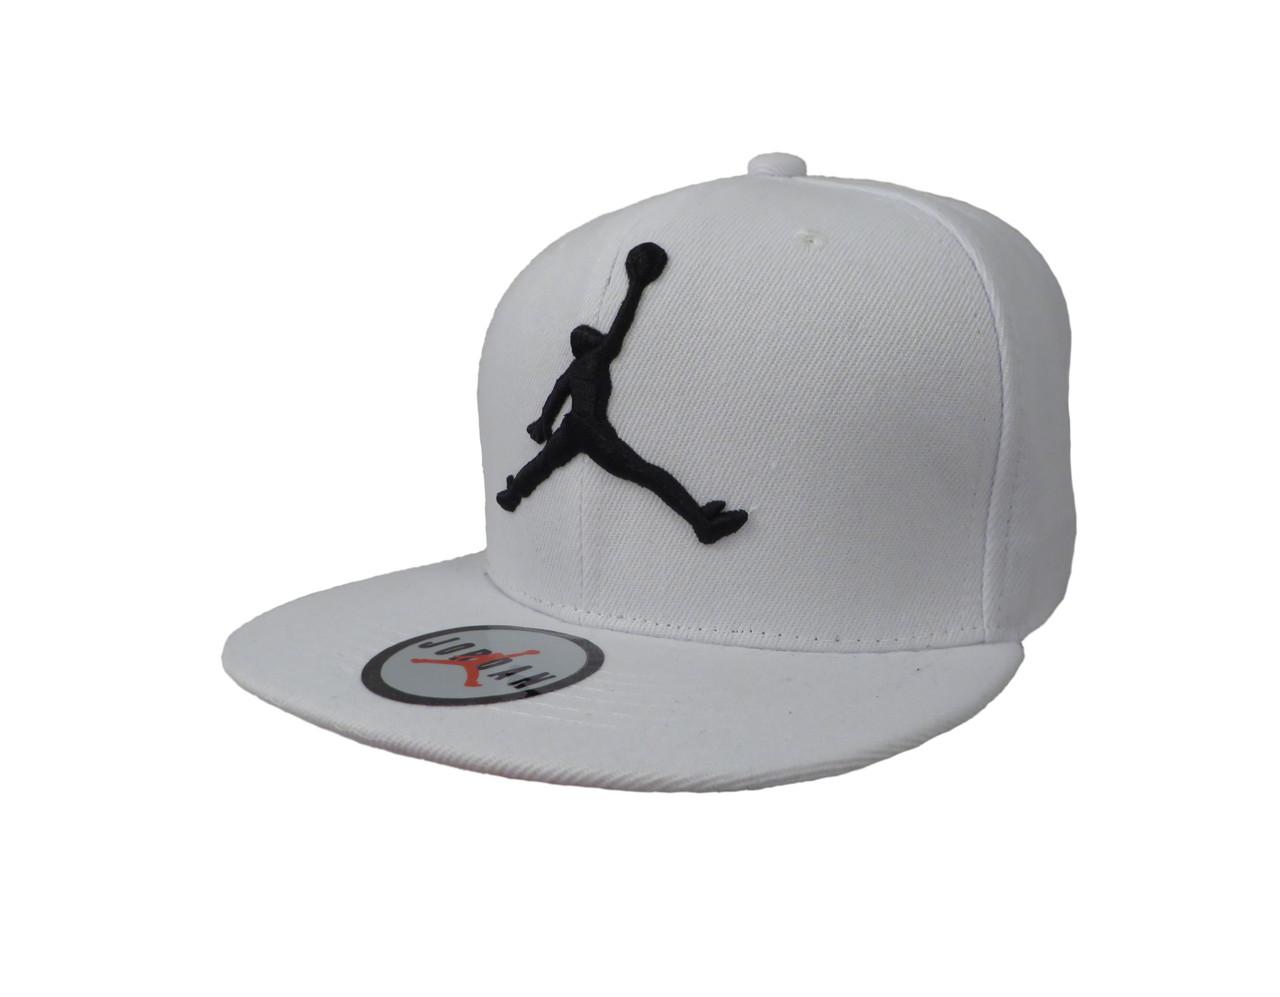 Белая кепка с черным логотипом Jordan (реплика) - Интернет-магазин оригинальных кепок, рюкзаков и аксессуаров в Львове